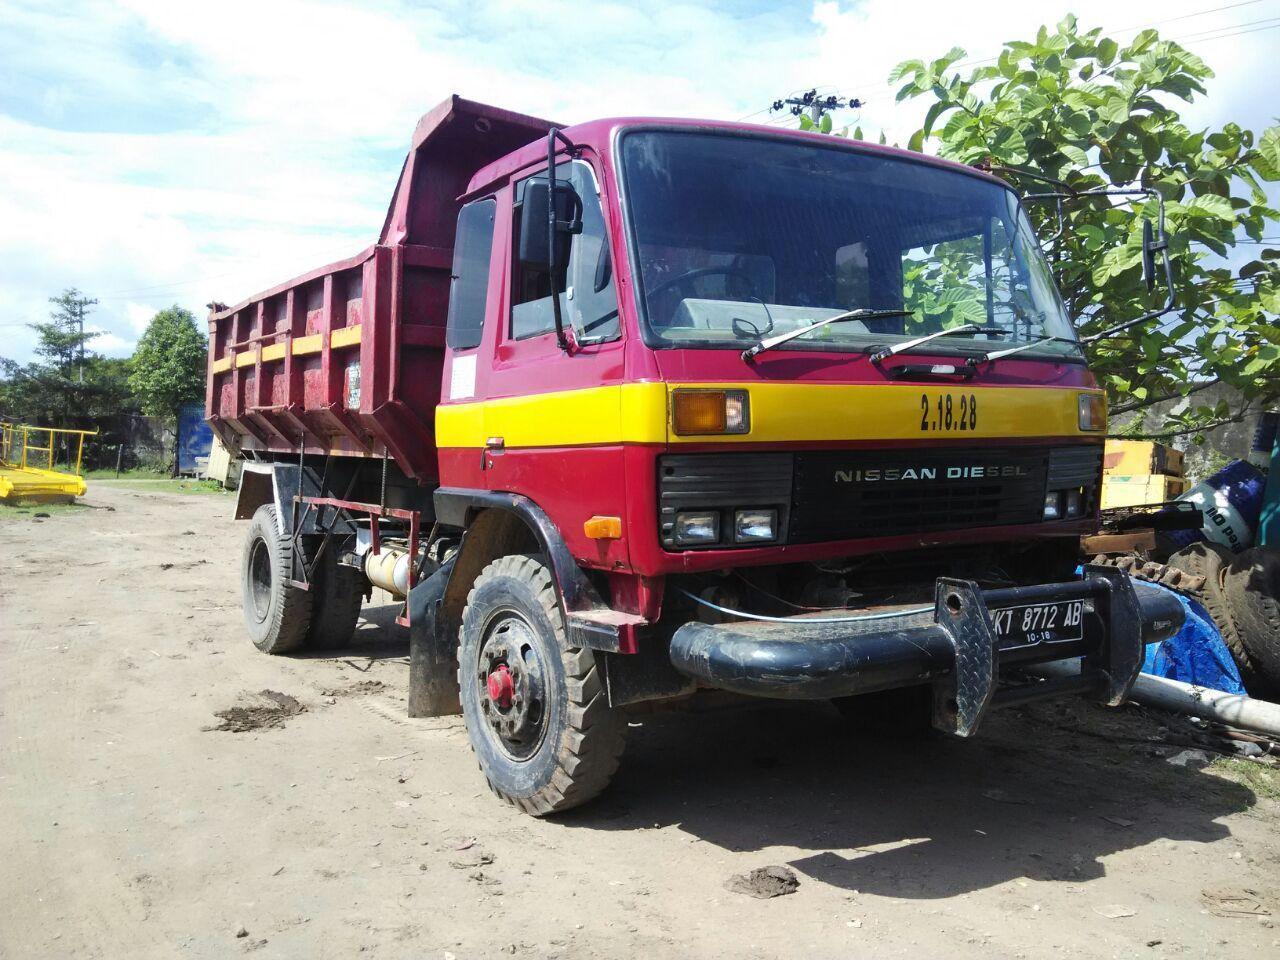 Truck Nissan CK12